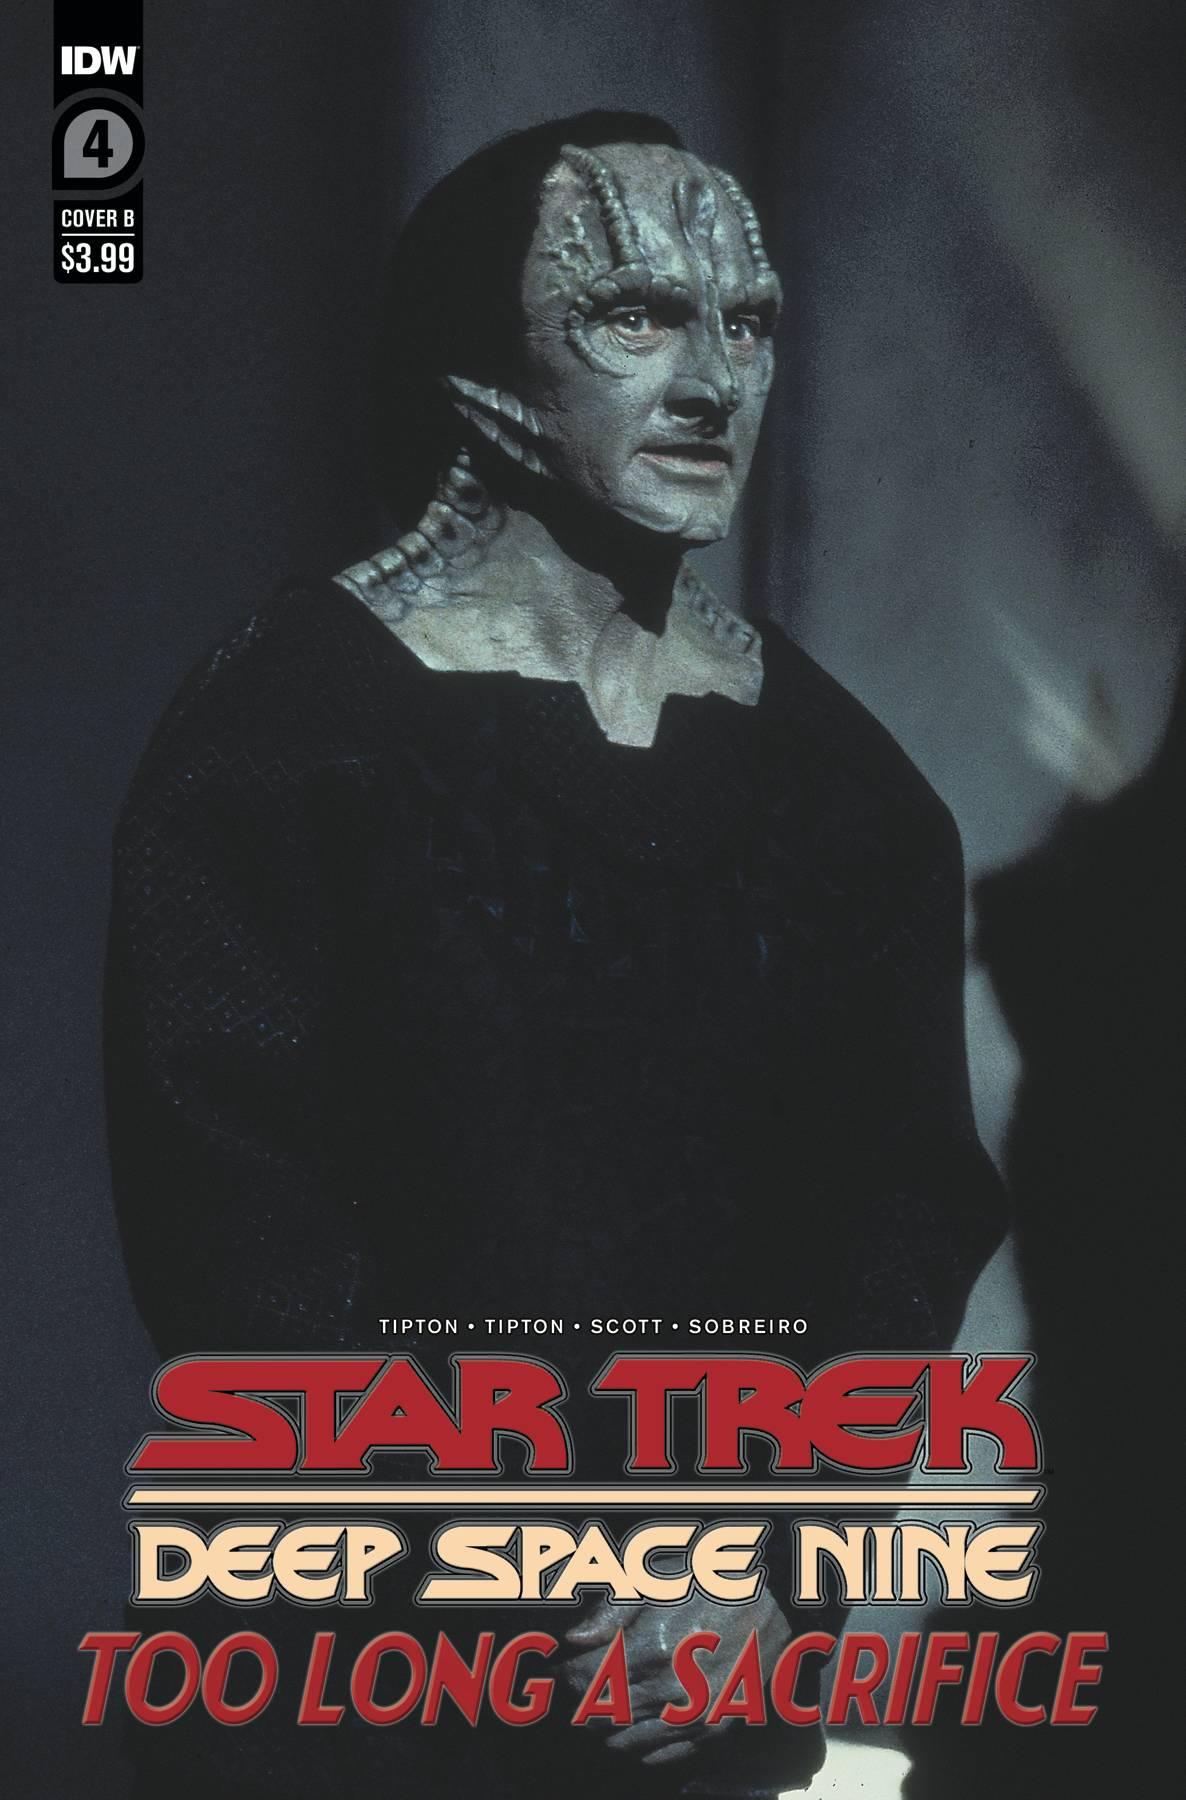 STAR TREK DS9 TOO LONG A SACRIFICE